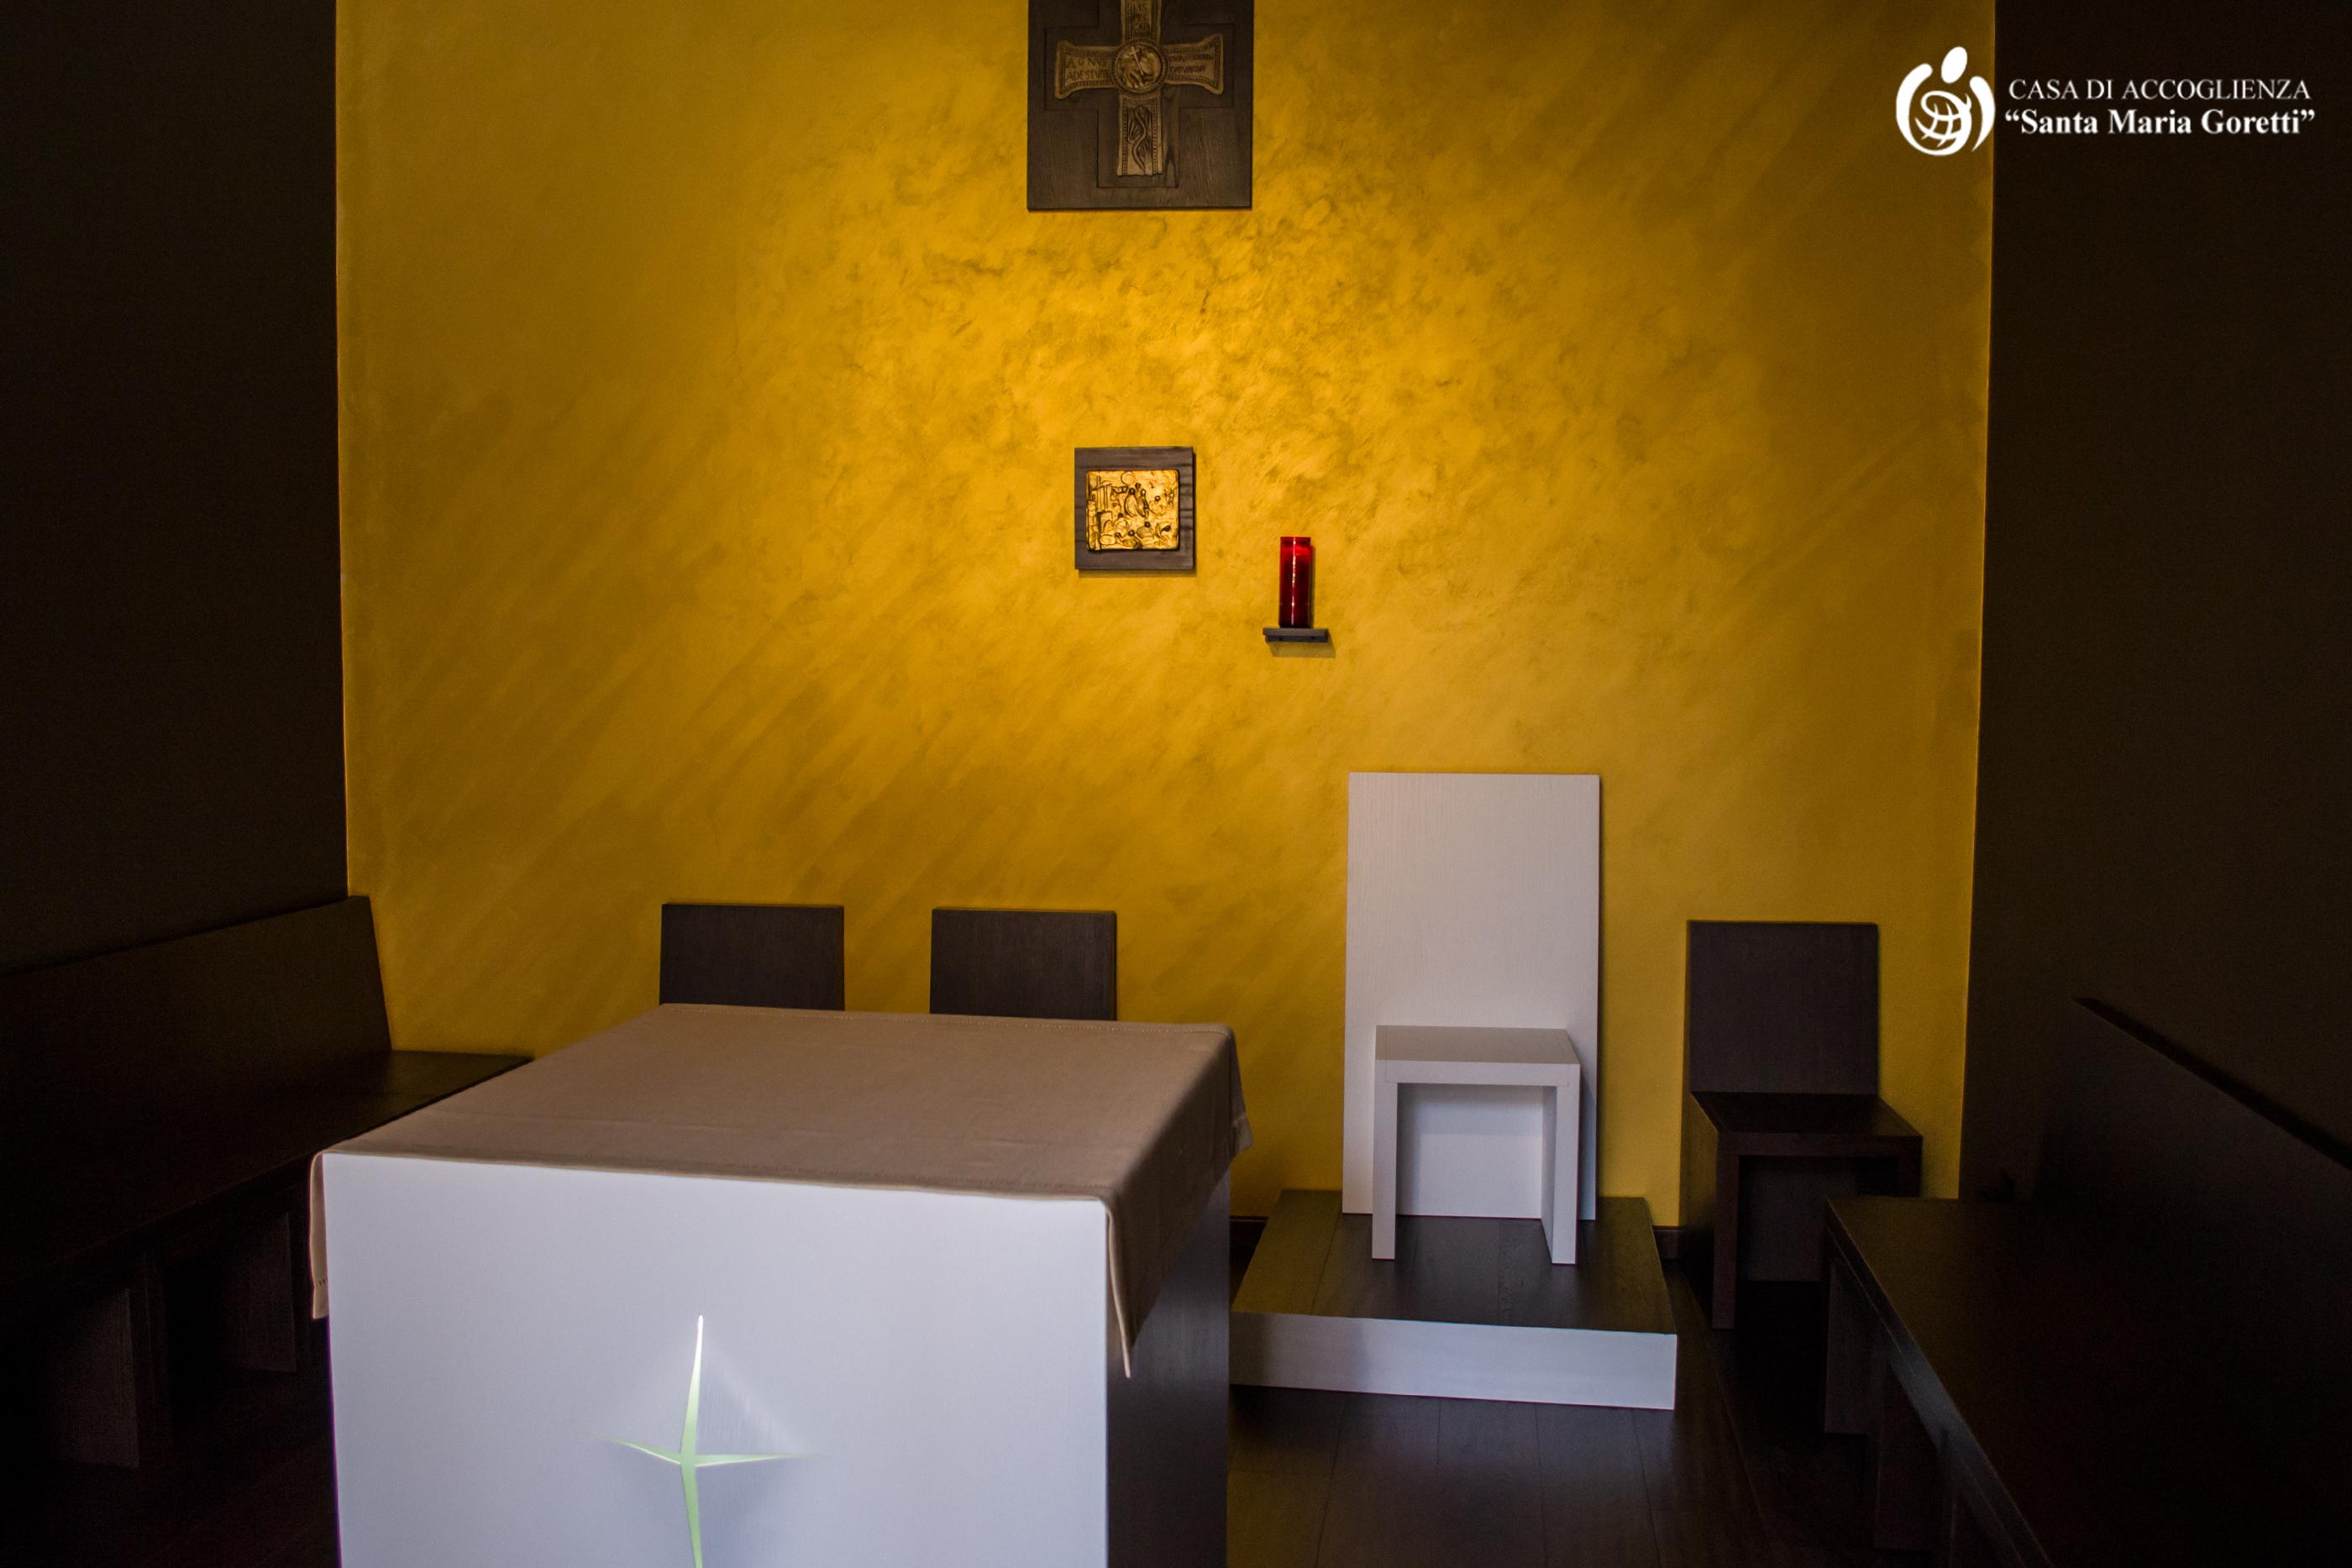 Cappella - Casa accoglienza Santa Maria Goretti - Andria (BT)